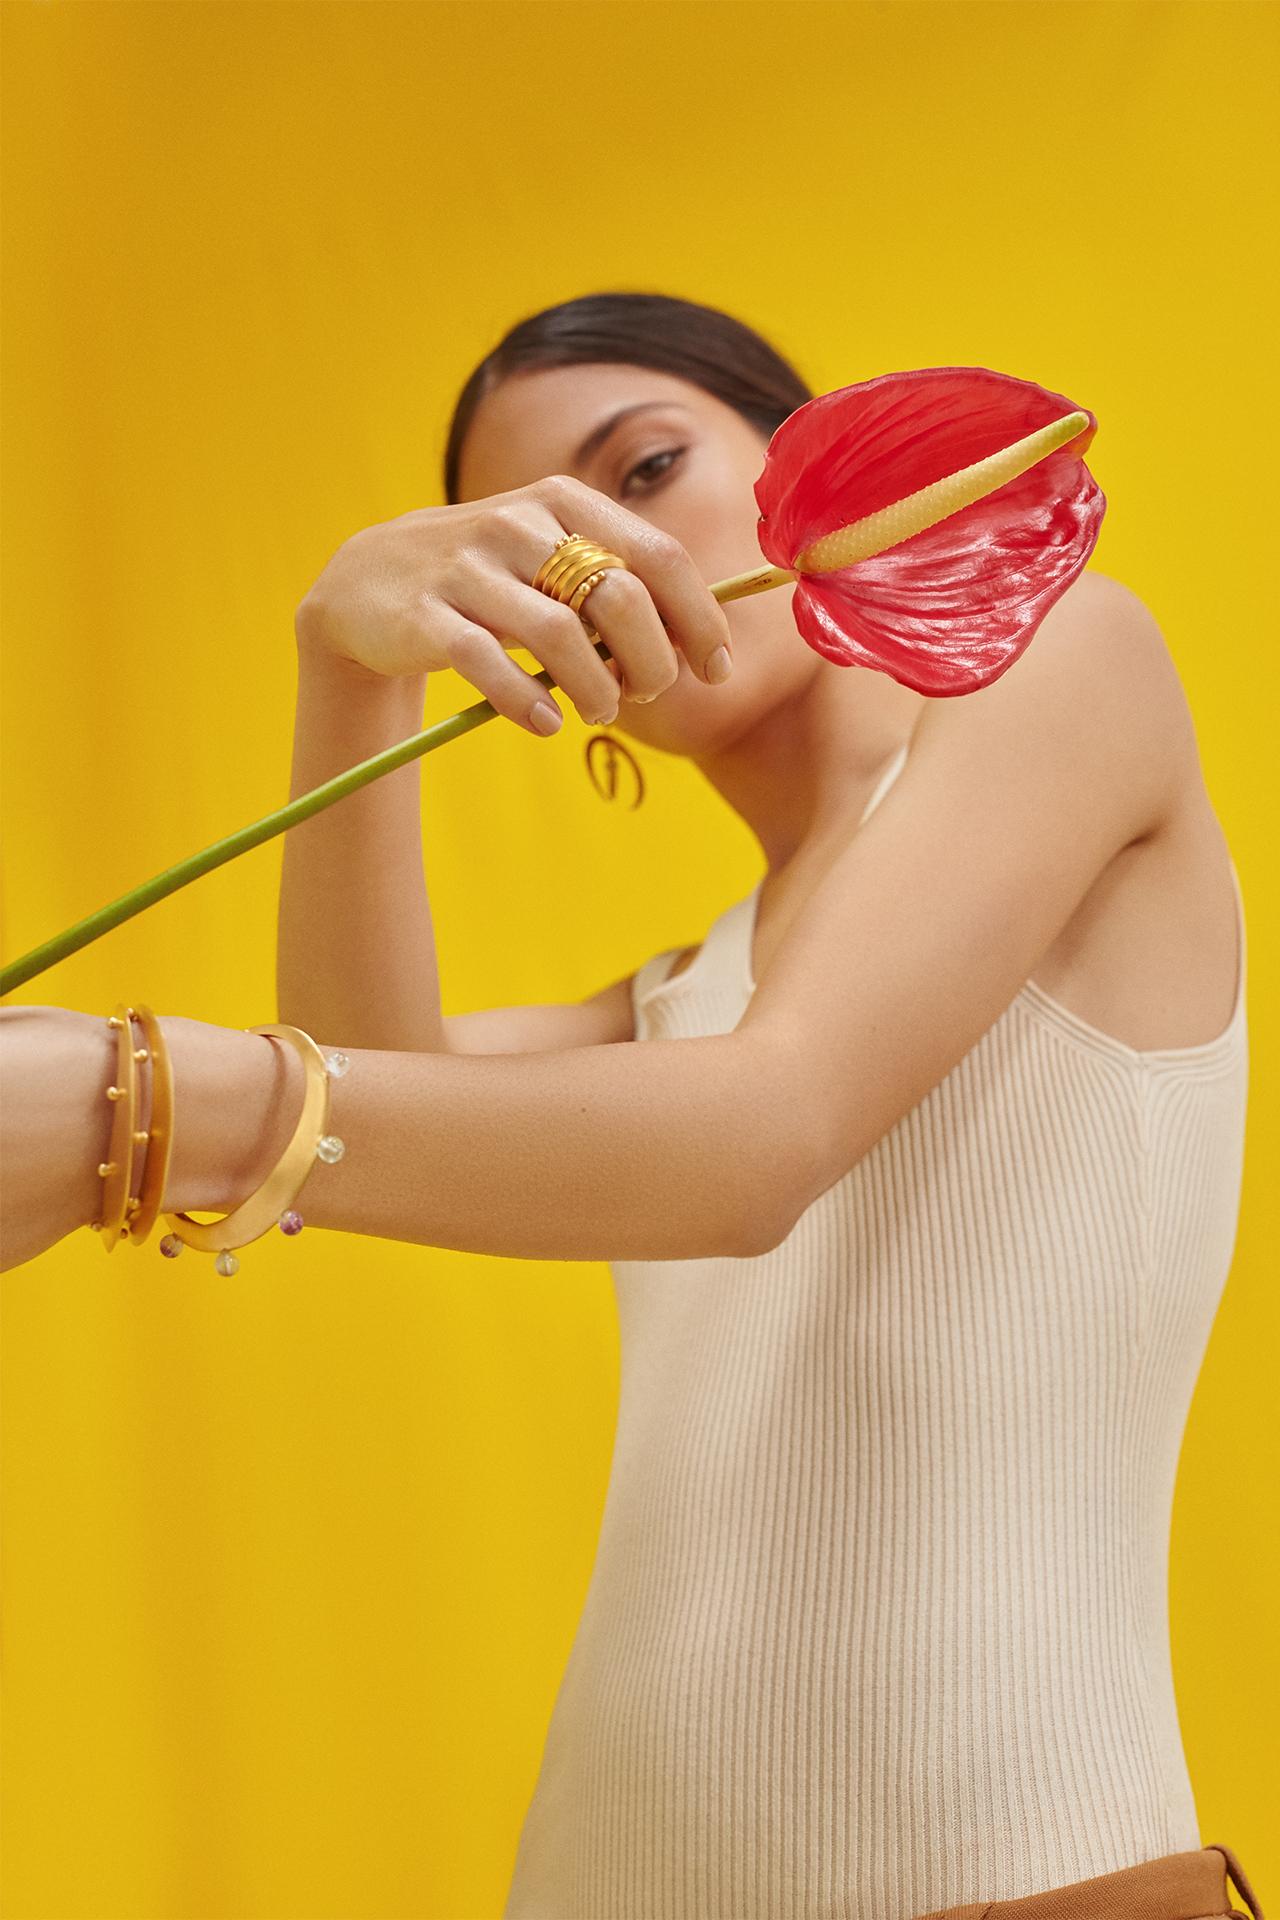 modelo con una flor, anturio rojo, pulseras doradas y anillos de de la Colección No.7 de Aysha Bilgrami Joyeria. Imagen de Campaña de Colección No.7  de Aysha Bilgrami Joyeria por Daniella Benedetti